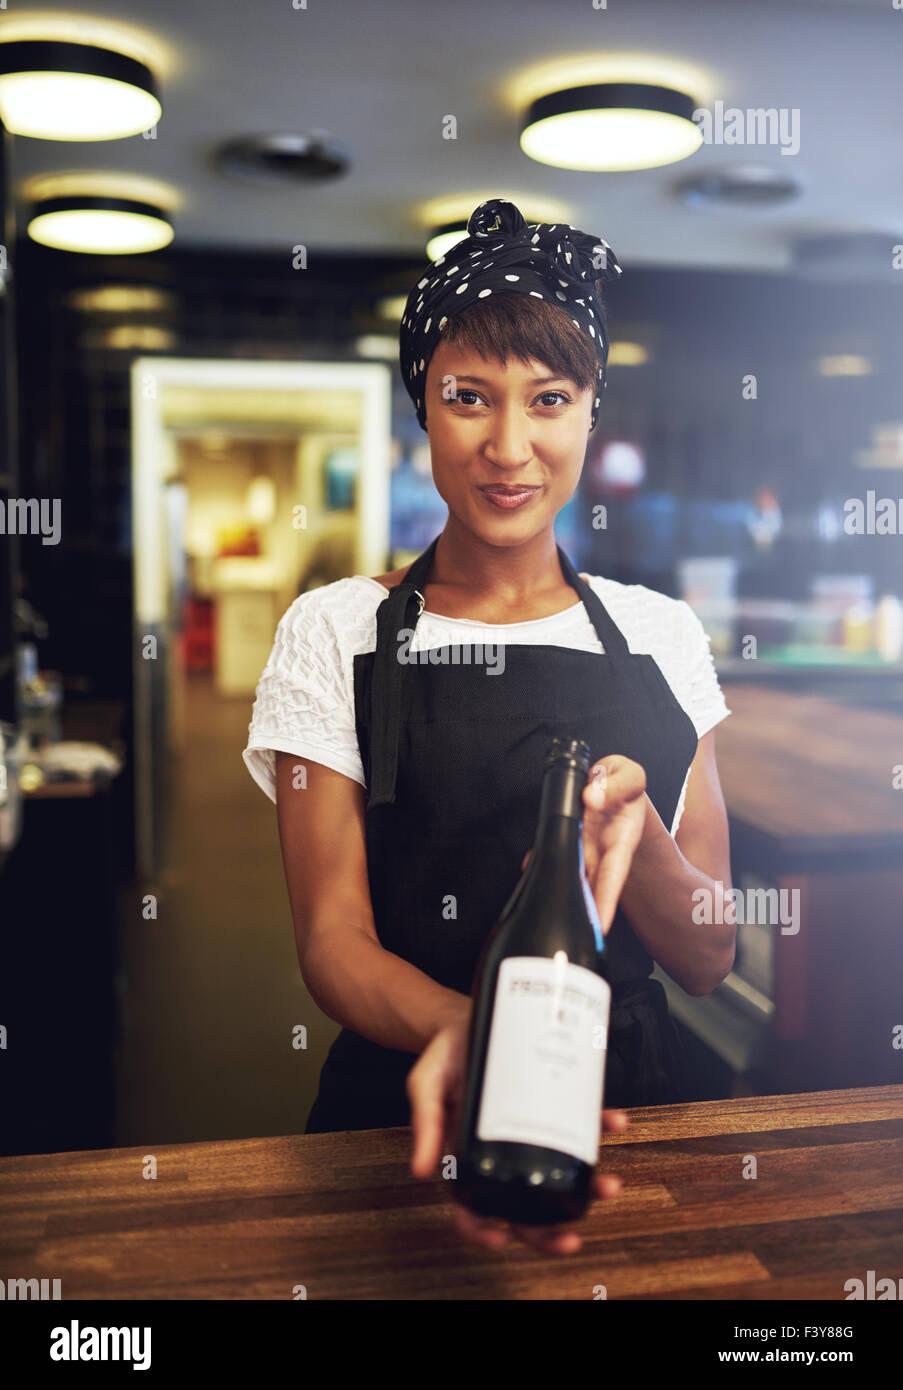 Sonriente joven camarera presentando una botella de vino tinto a un cliente para su aprobación antes de abrirlo, Imagen De Stock